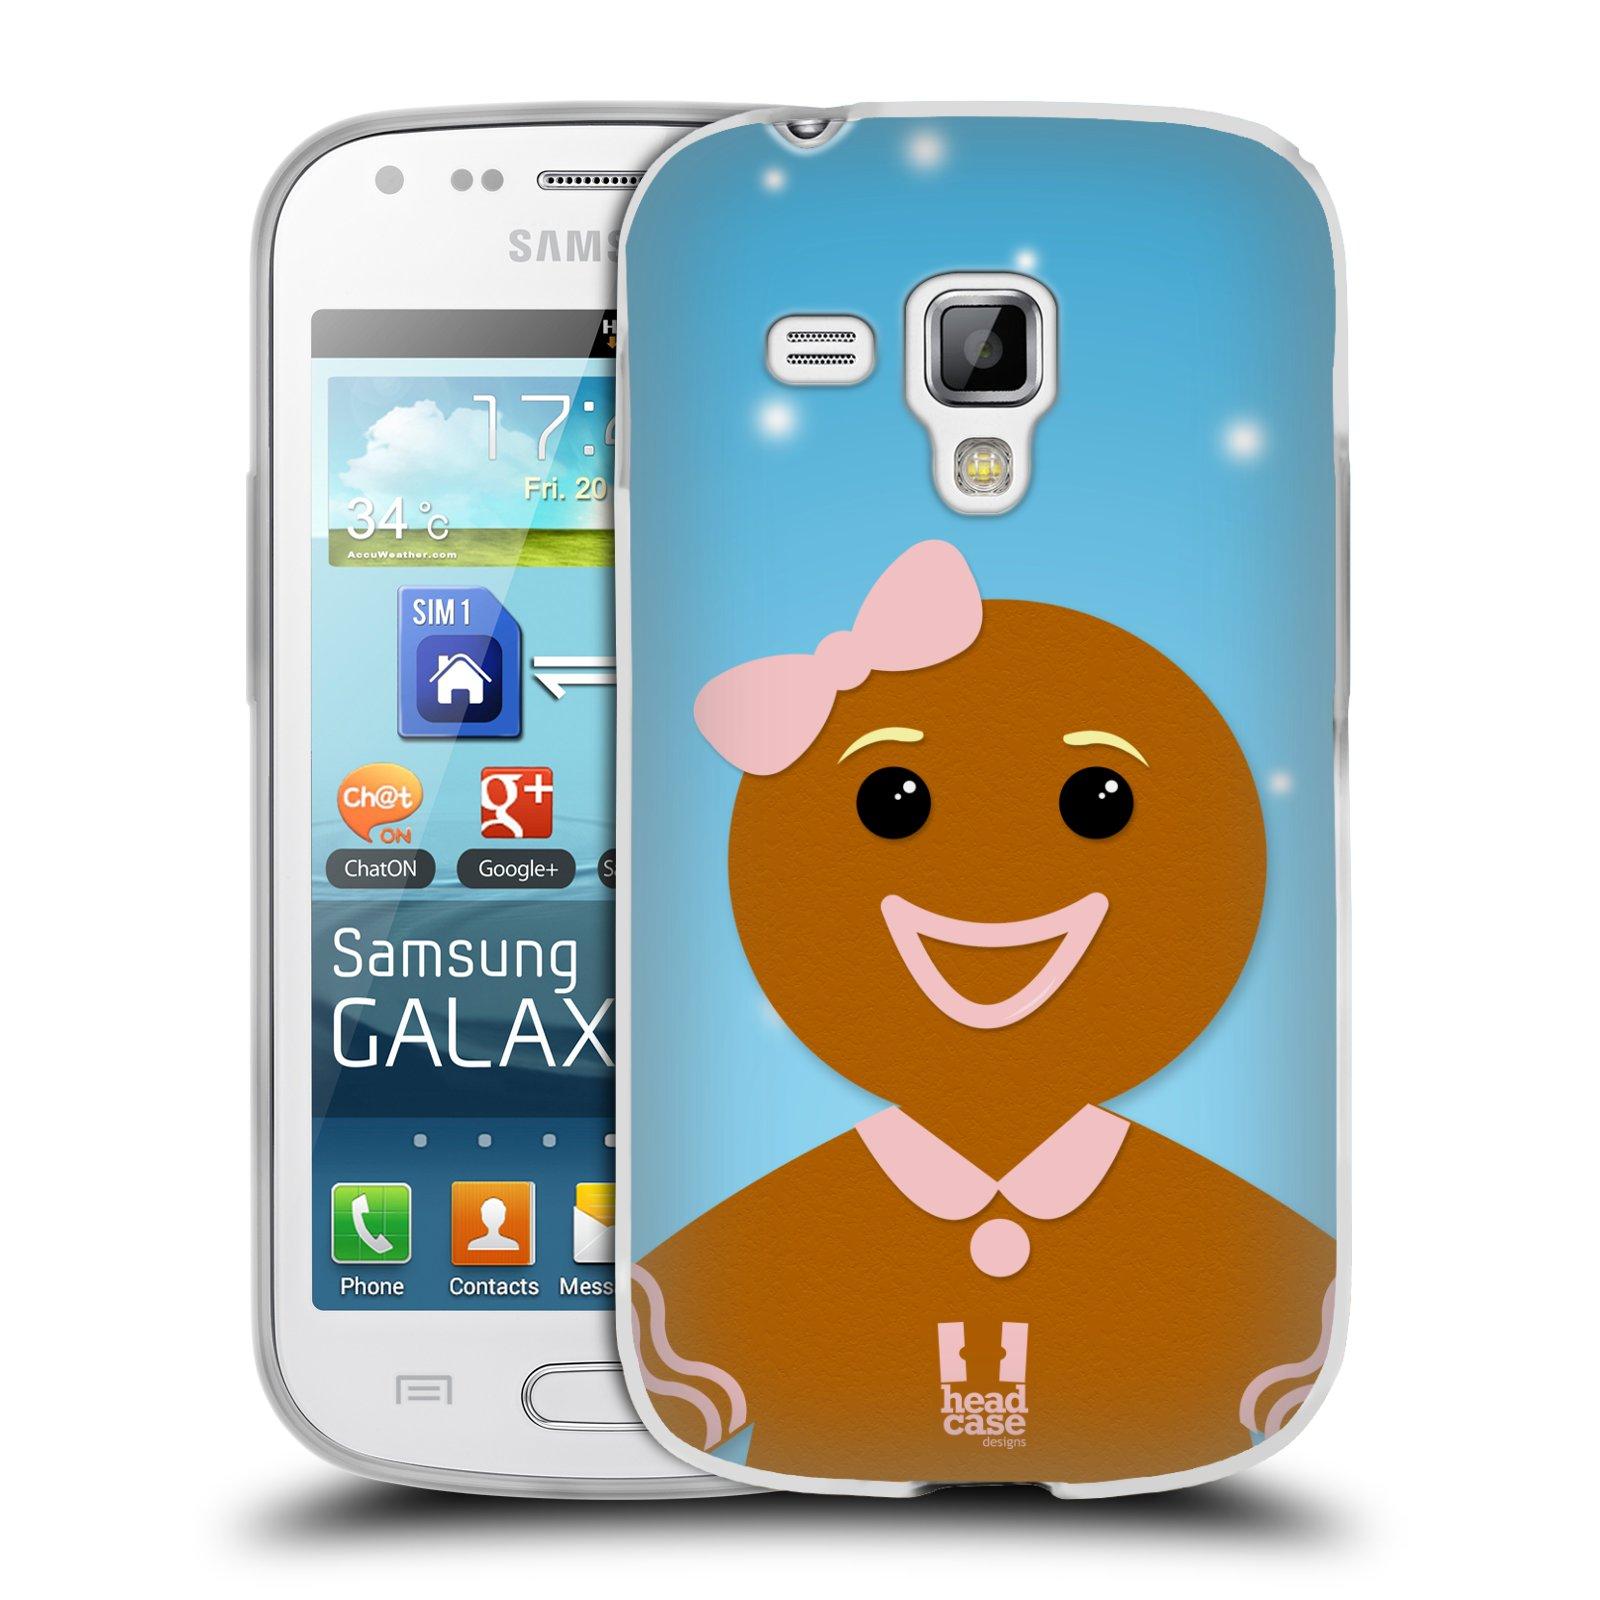 Silikonové pouzdro na mobil Samsung Galaxy Trend HEAD CASE VÁNOCE PERNÍČEK (Silikonový kryt či obal na mobilní telefon Samsung Galaxy Trend GT-S7560)